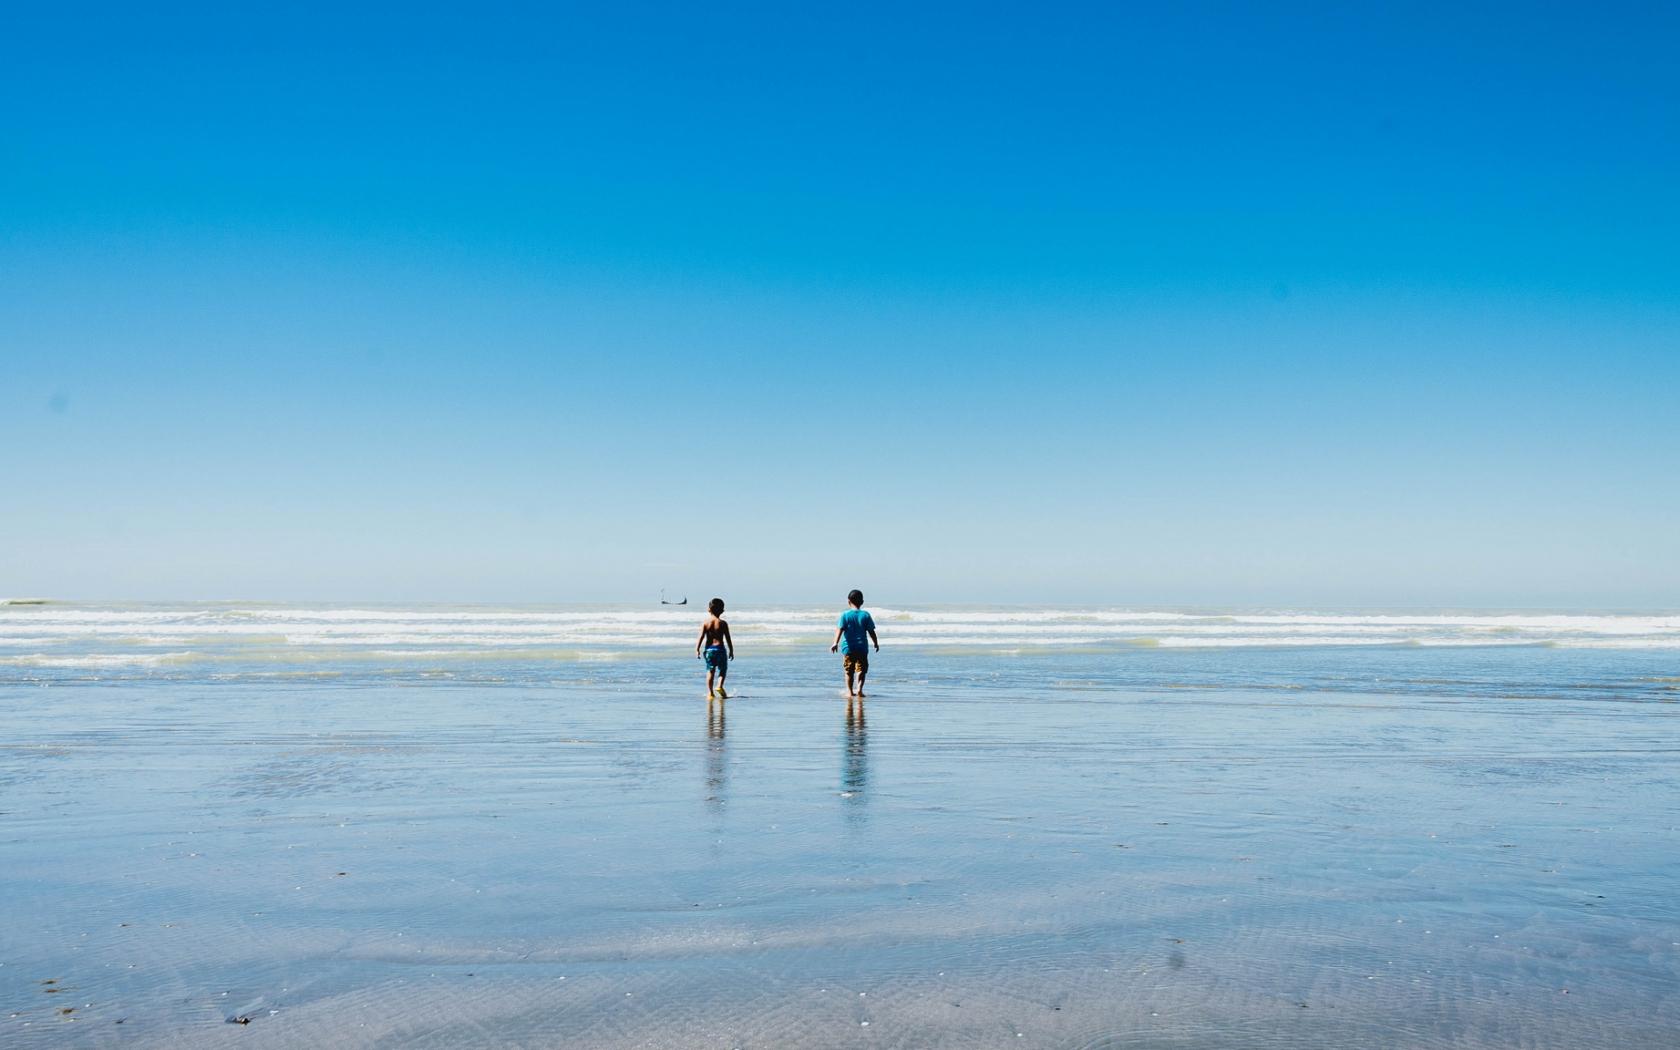 Niños en la playas - 1680x1050